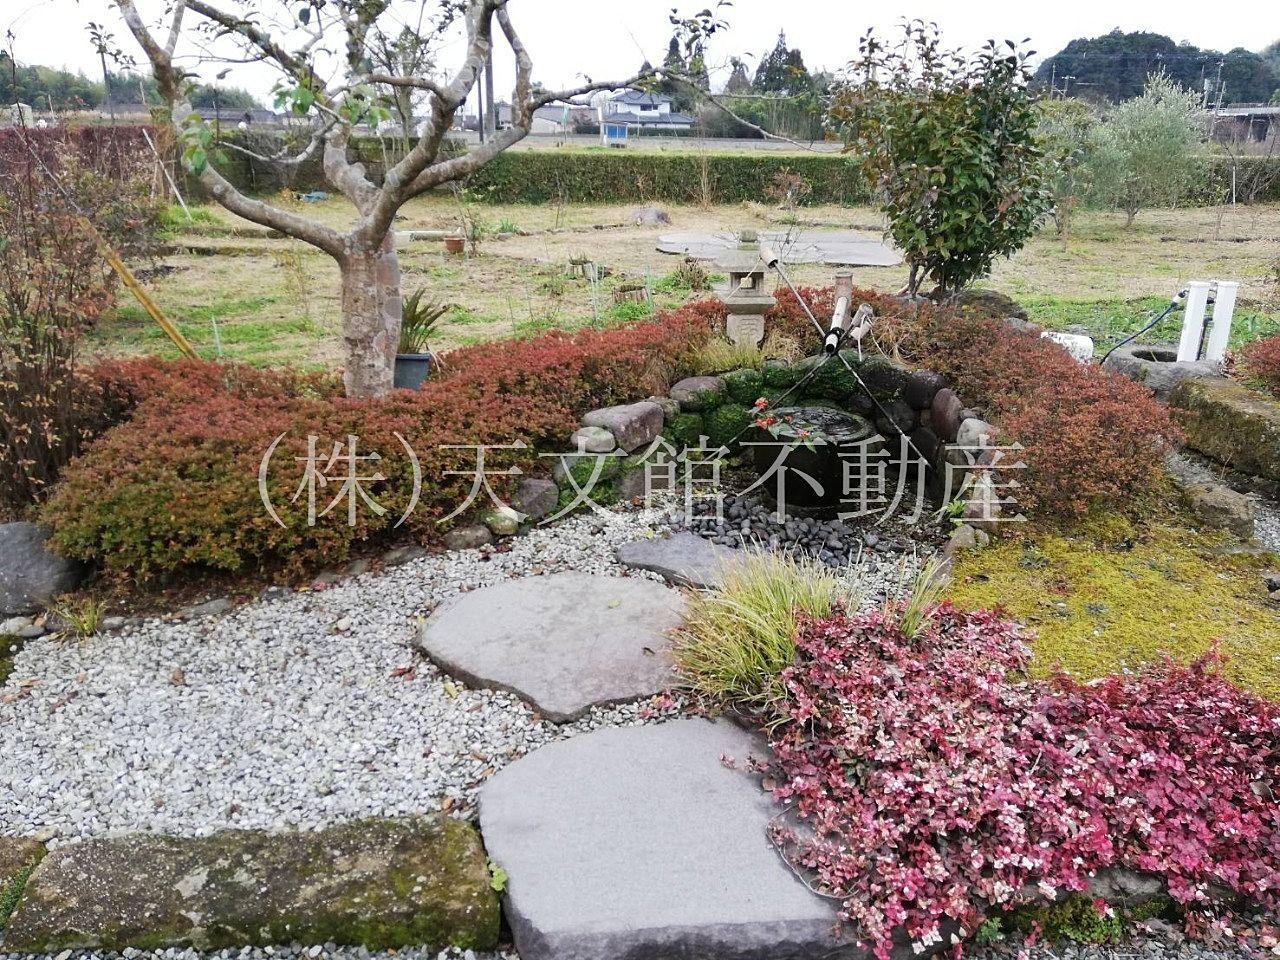 霧島市隼人町小浜のKITCHEN Qのお庭も綺麗です。